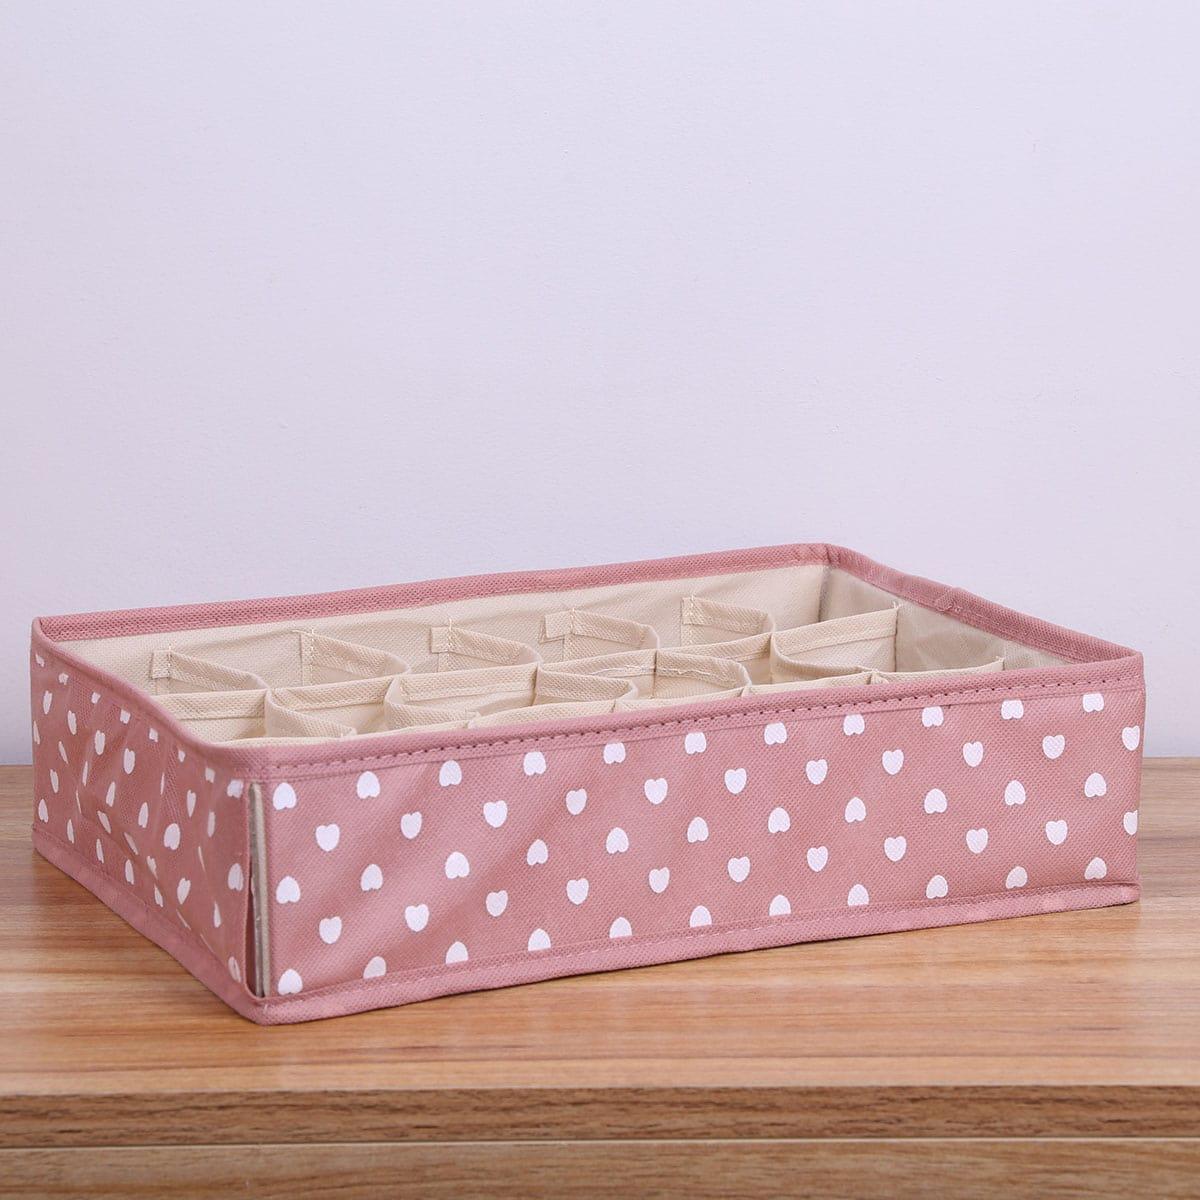 Коробка для хранения носков с принтом сердца, 1шт